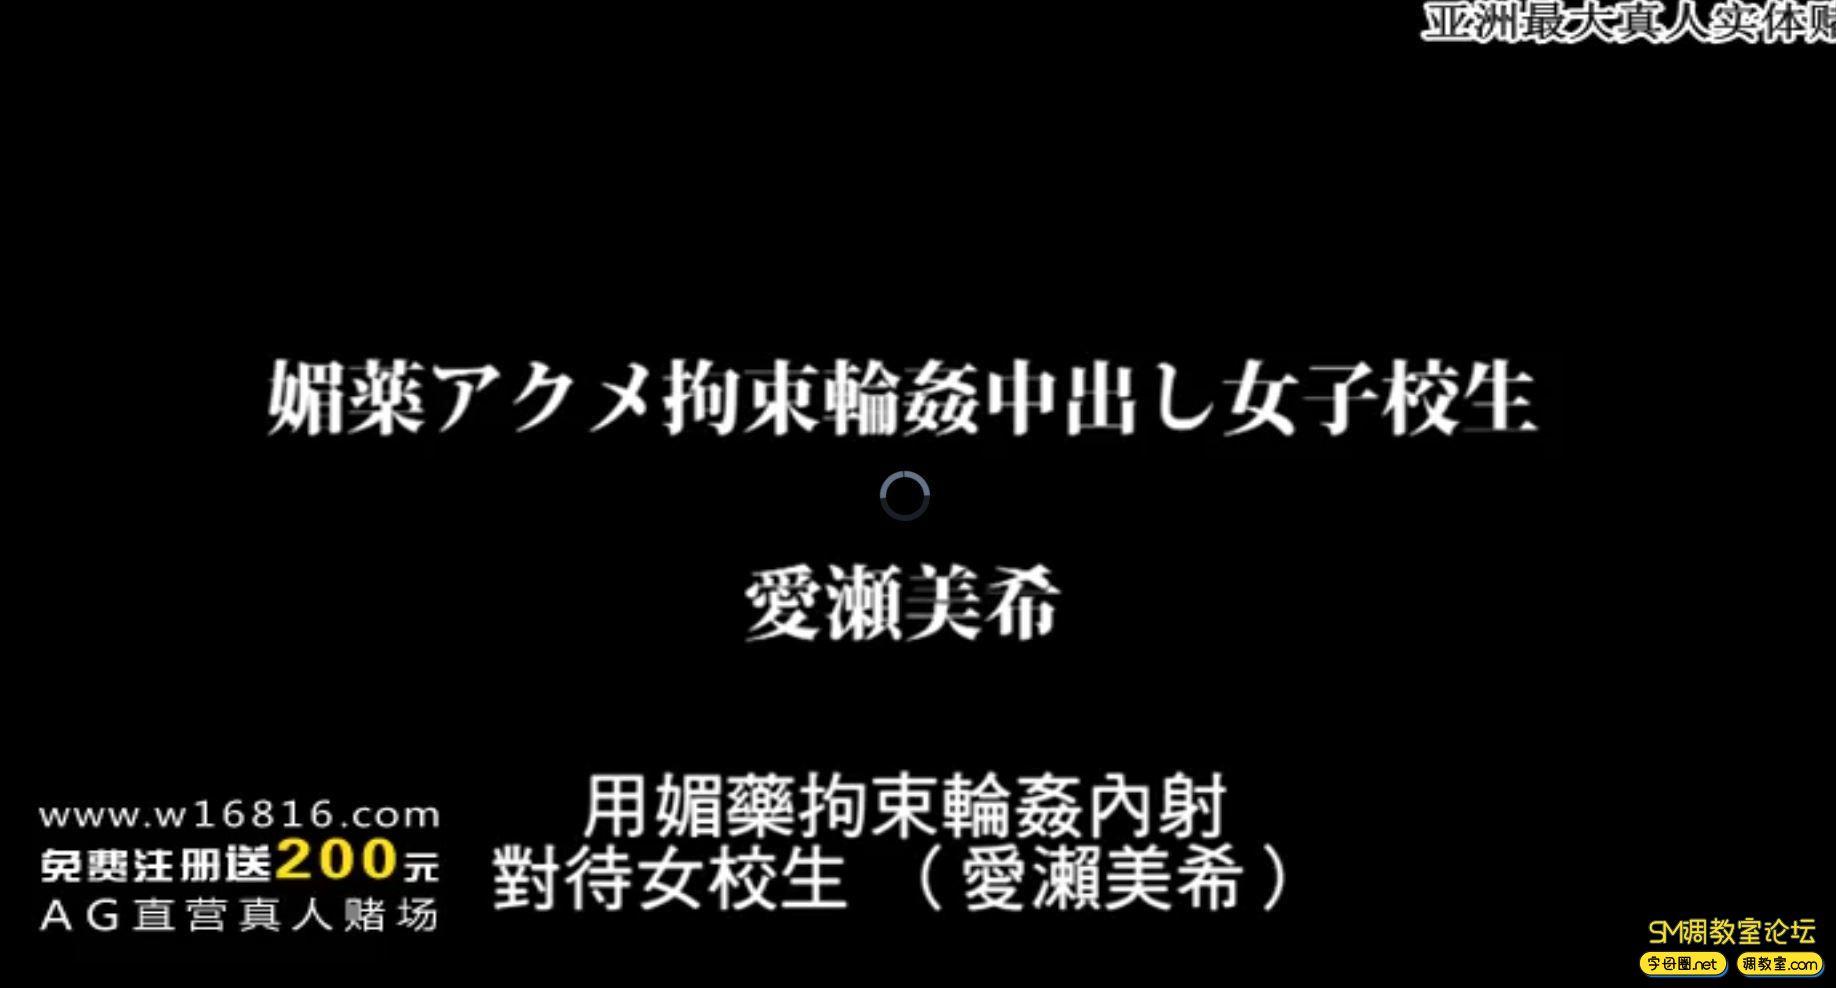 ♥ XRW-342 媚药高潮拘束轮姦中出肏翻学生妹 爱濑美希【29:55】 ...